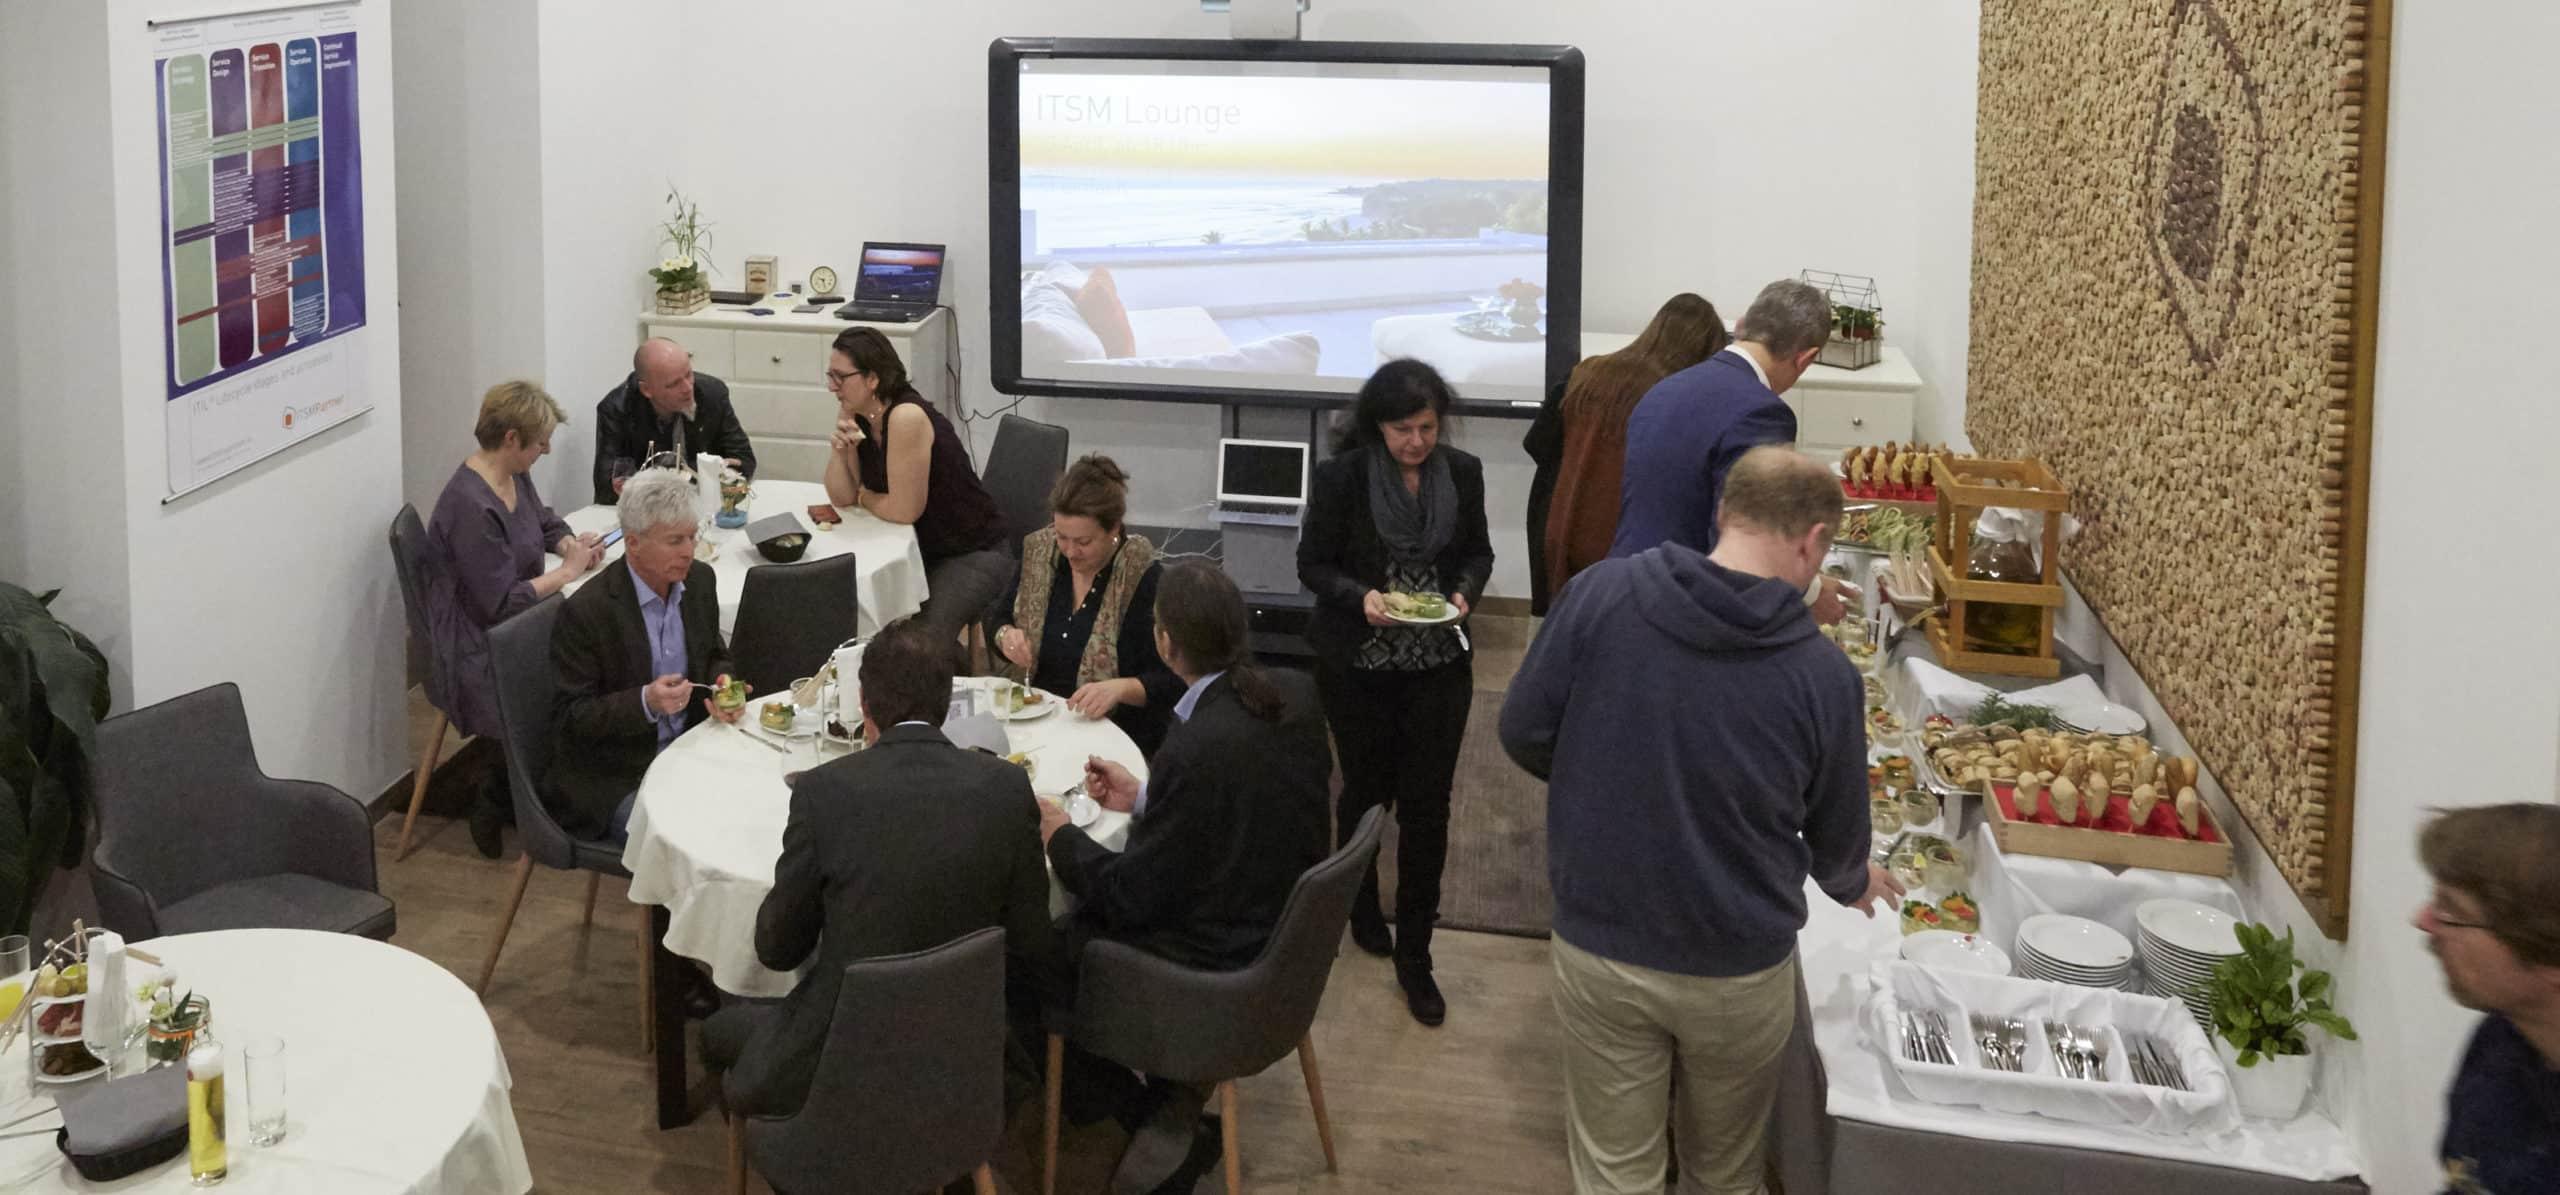 Hafenfest 2017 Gäste in der Marina beim Unterhalten und am Buffet